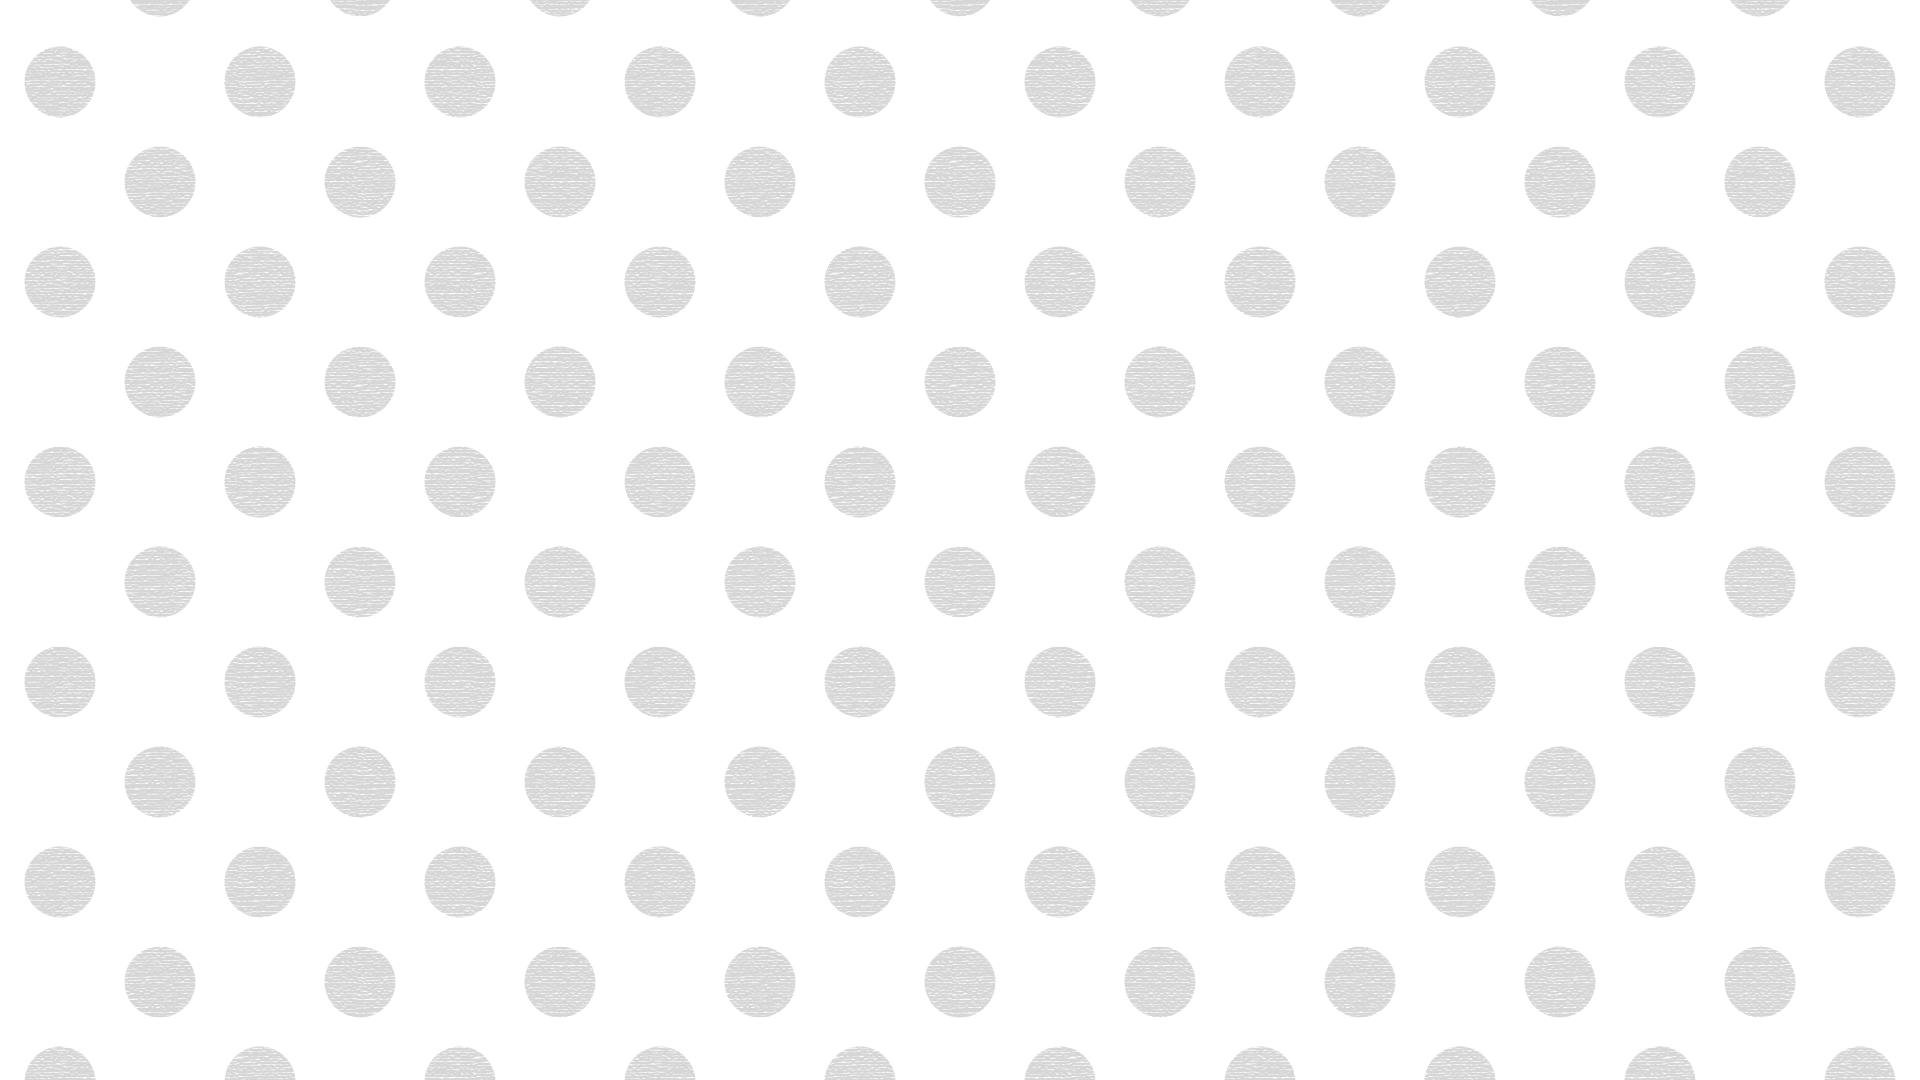 ドット模様1_gray